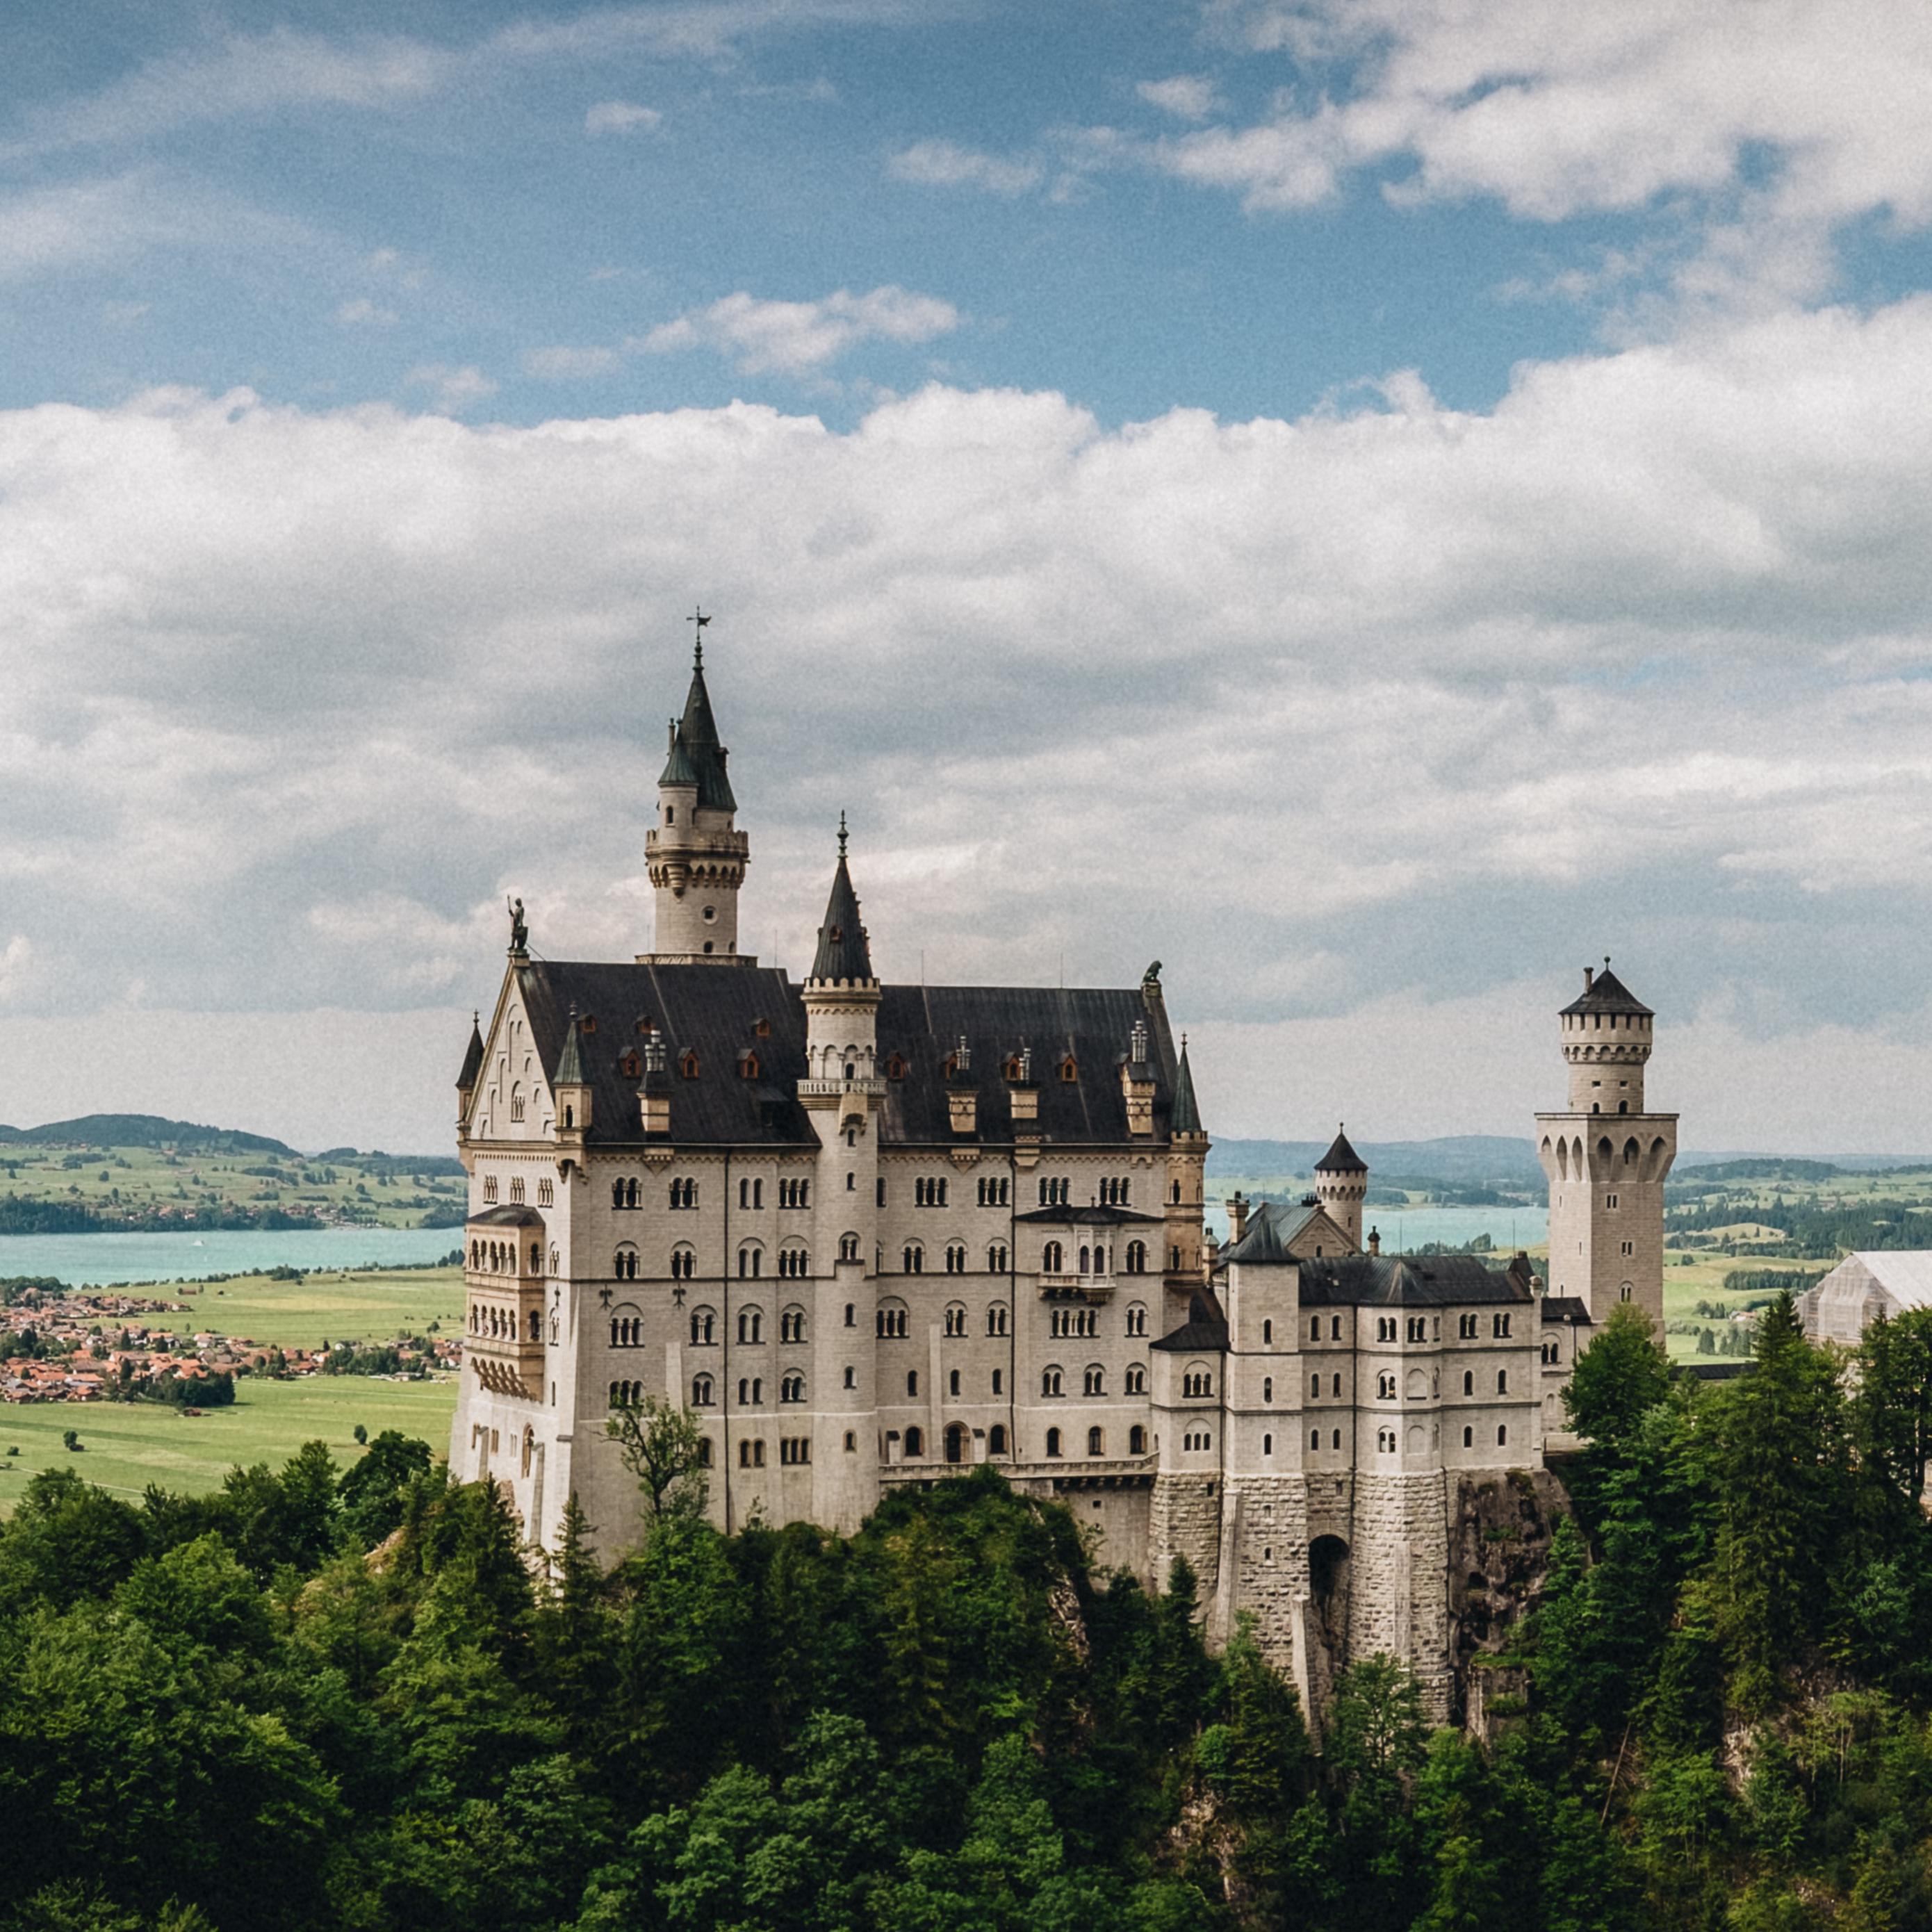 Download wallpaper 2780x2780 castle neuschwanstein bavaria 2780x2780